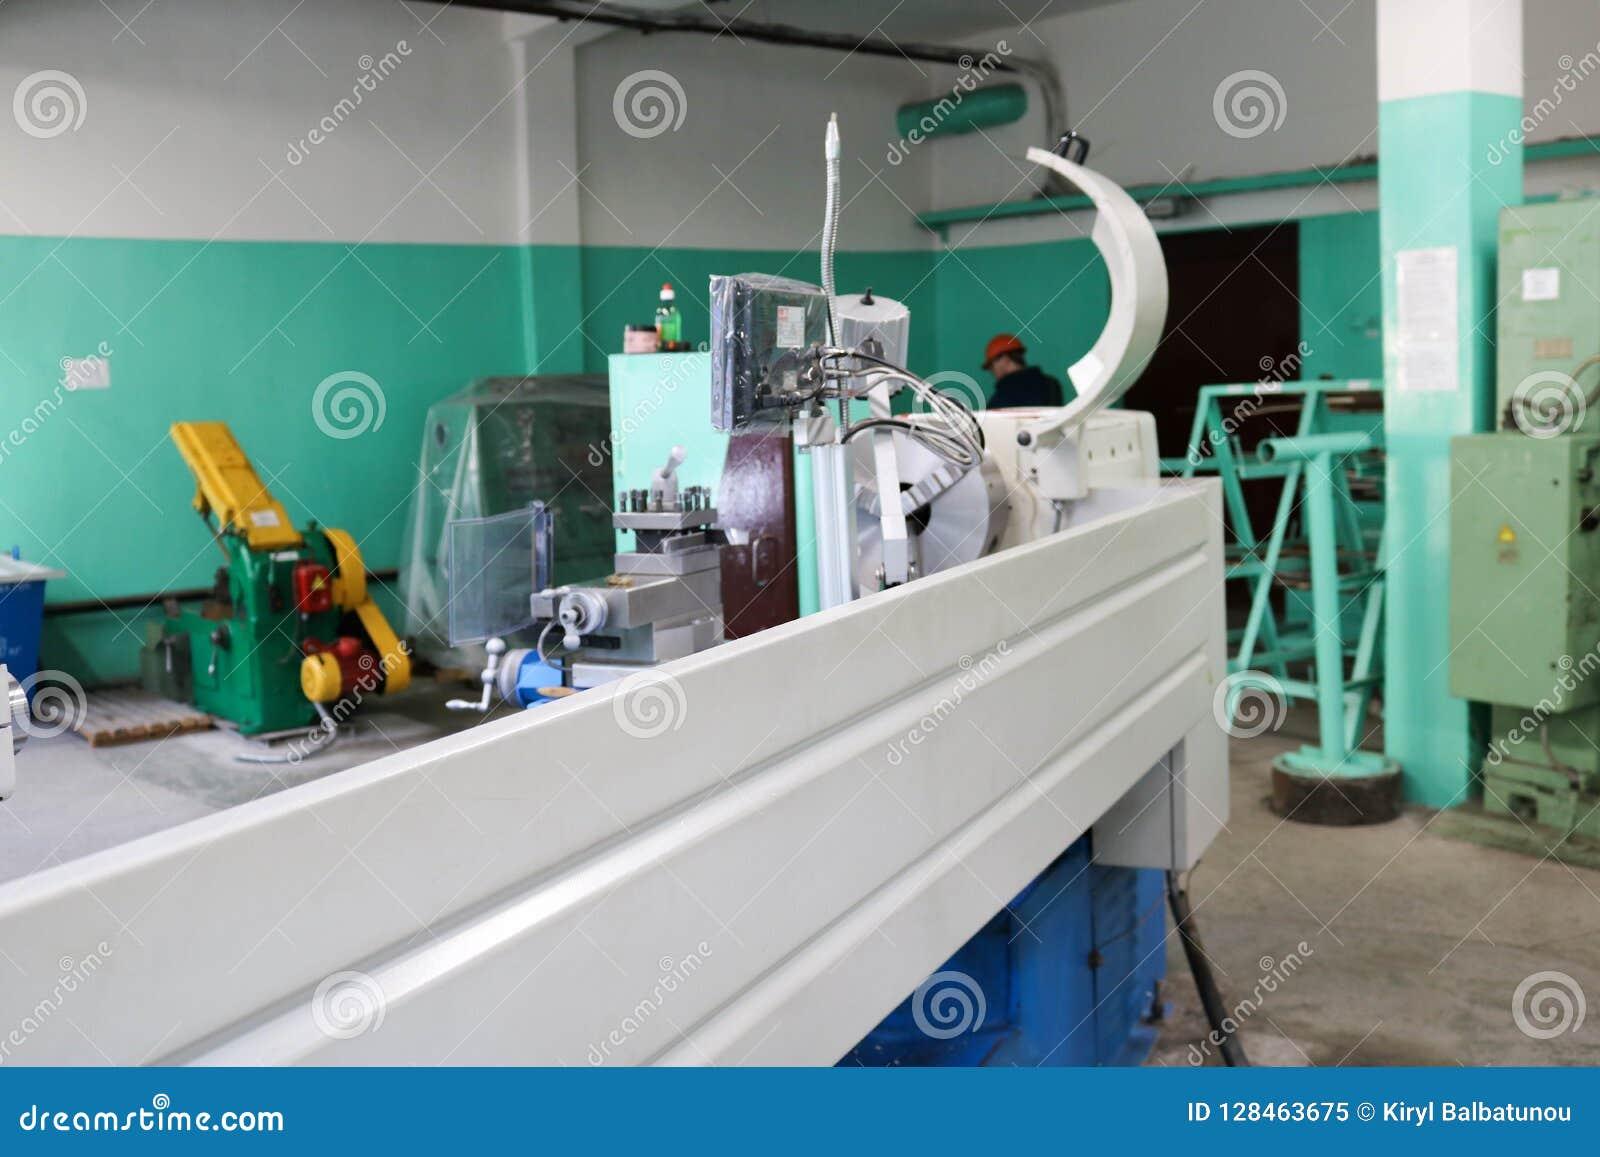 Grande torno do banco do ferro do metal, equipamento para o reparo, trabalho com metal na oficina na planta metalúrgica no reparo